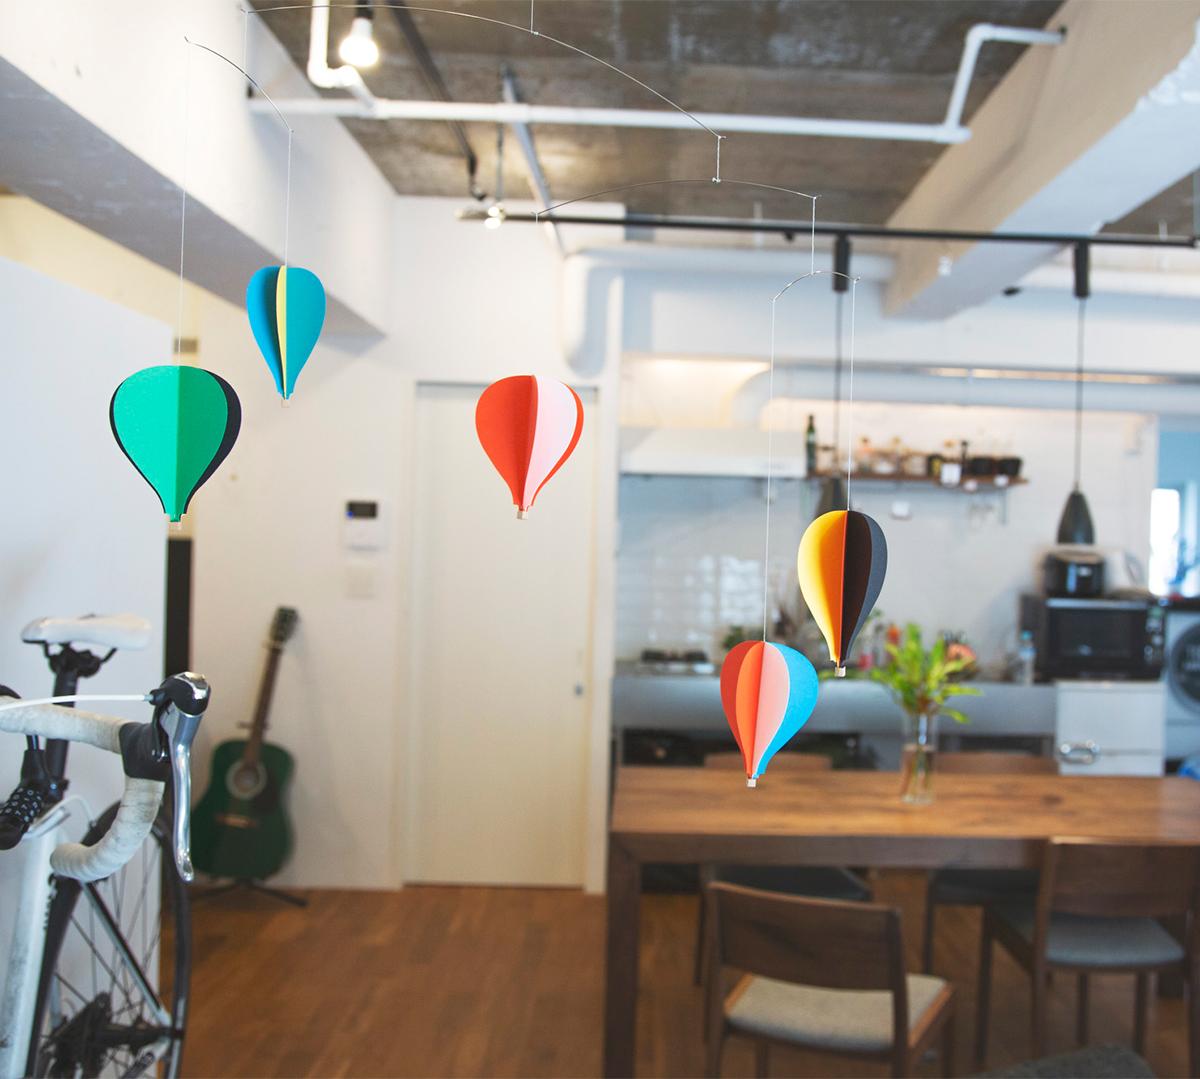 フワフワとほどいてくれるような心地よさ。吊り下げるだけで、お部屋がモダン空間に変わる「大人のモビール」|FLENSTED MOBILES(フレンステッドモビール)